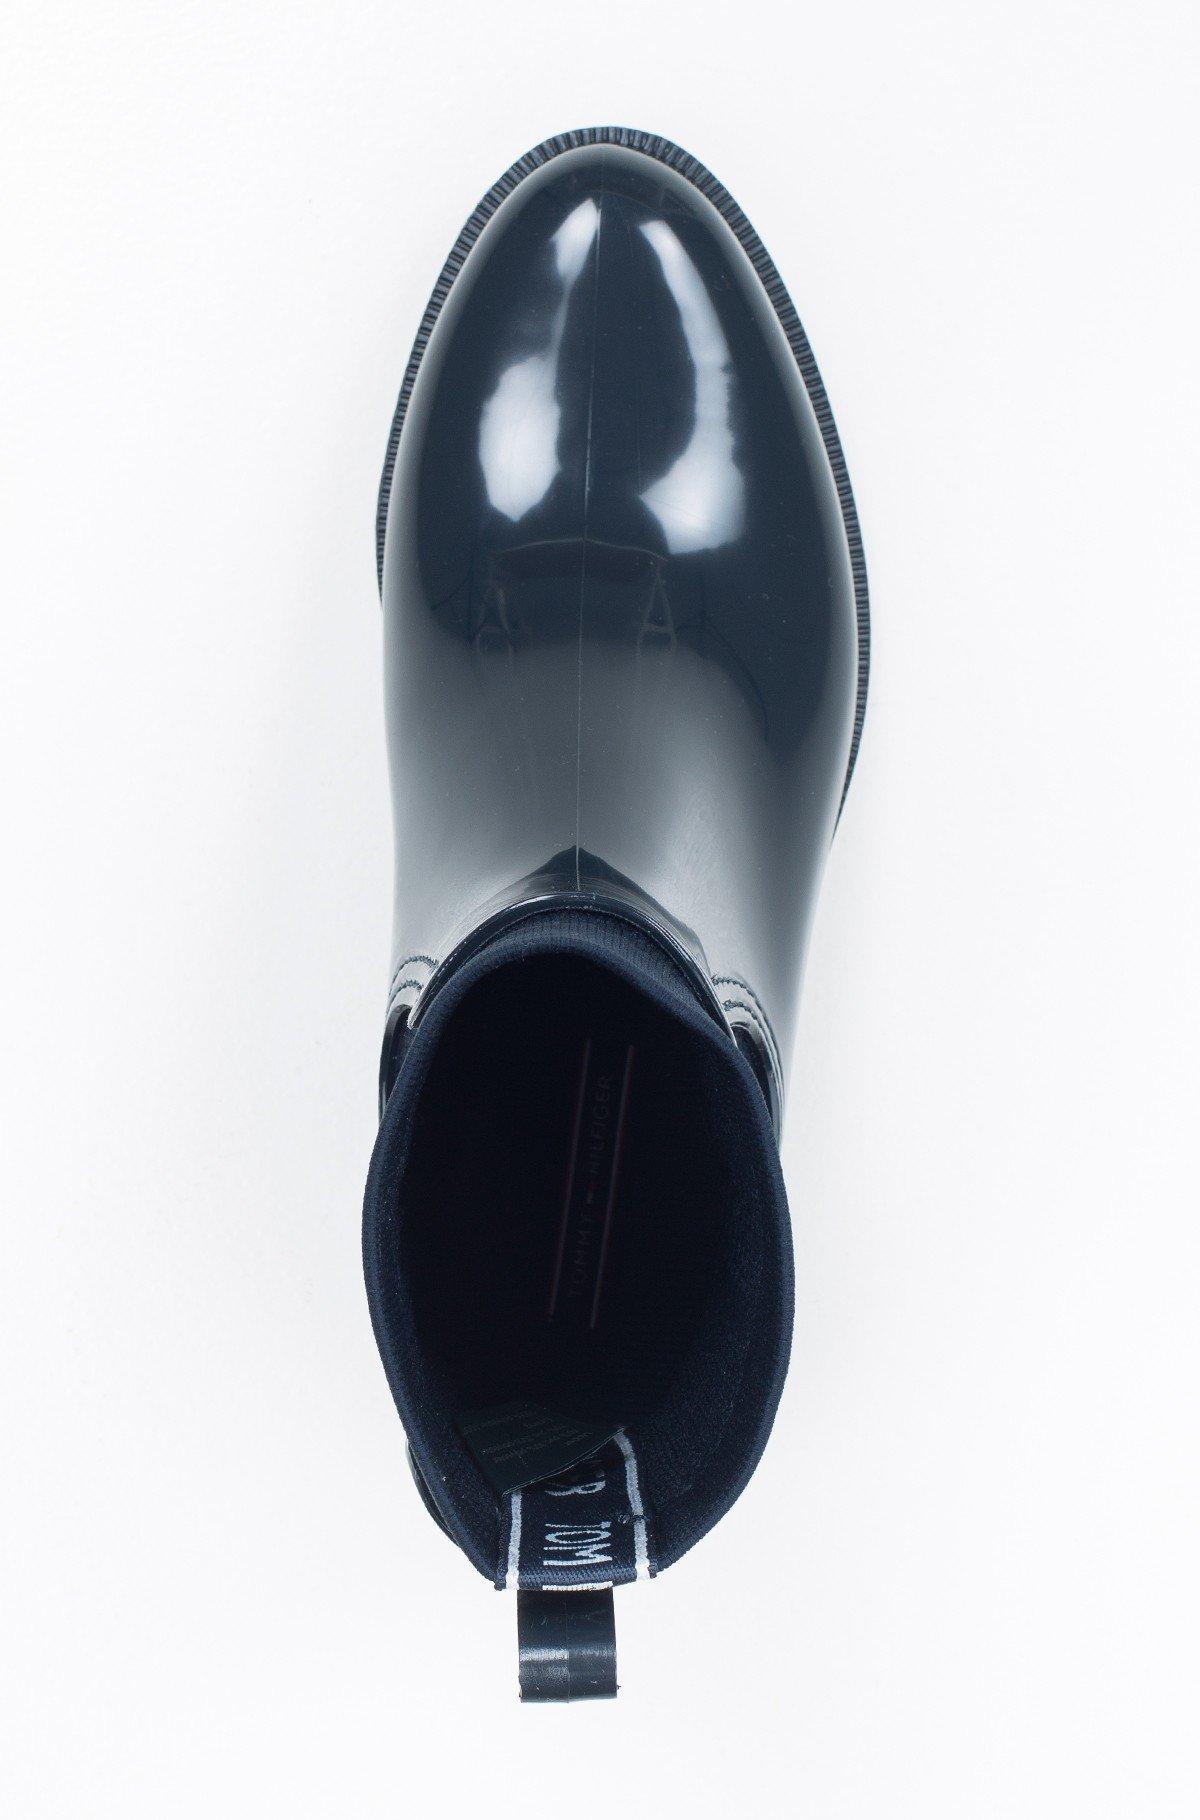 Guminiai batai TOMMY KNIT RAIN BOOT-full-4